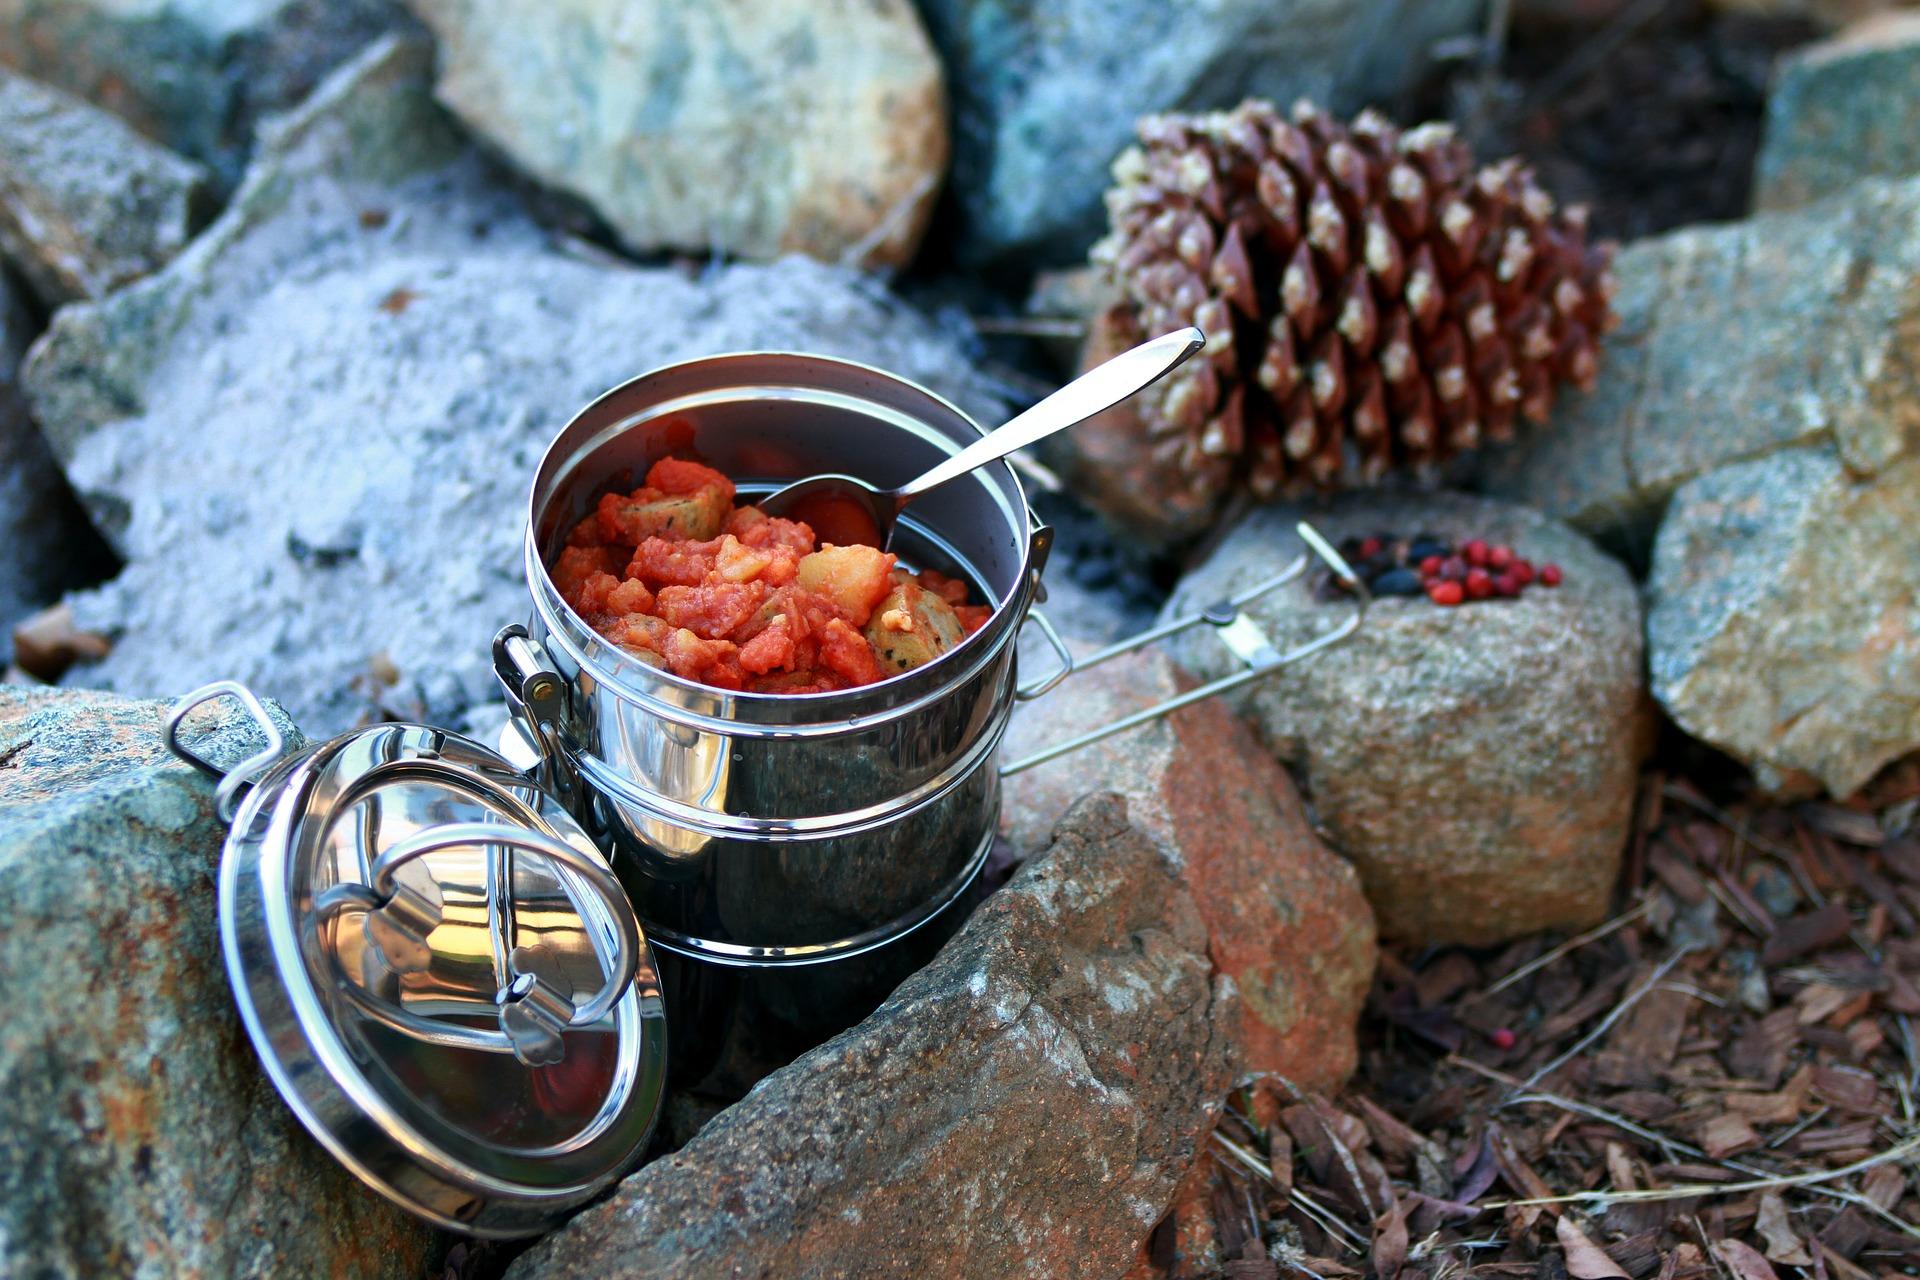 stew-750846_1920